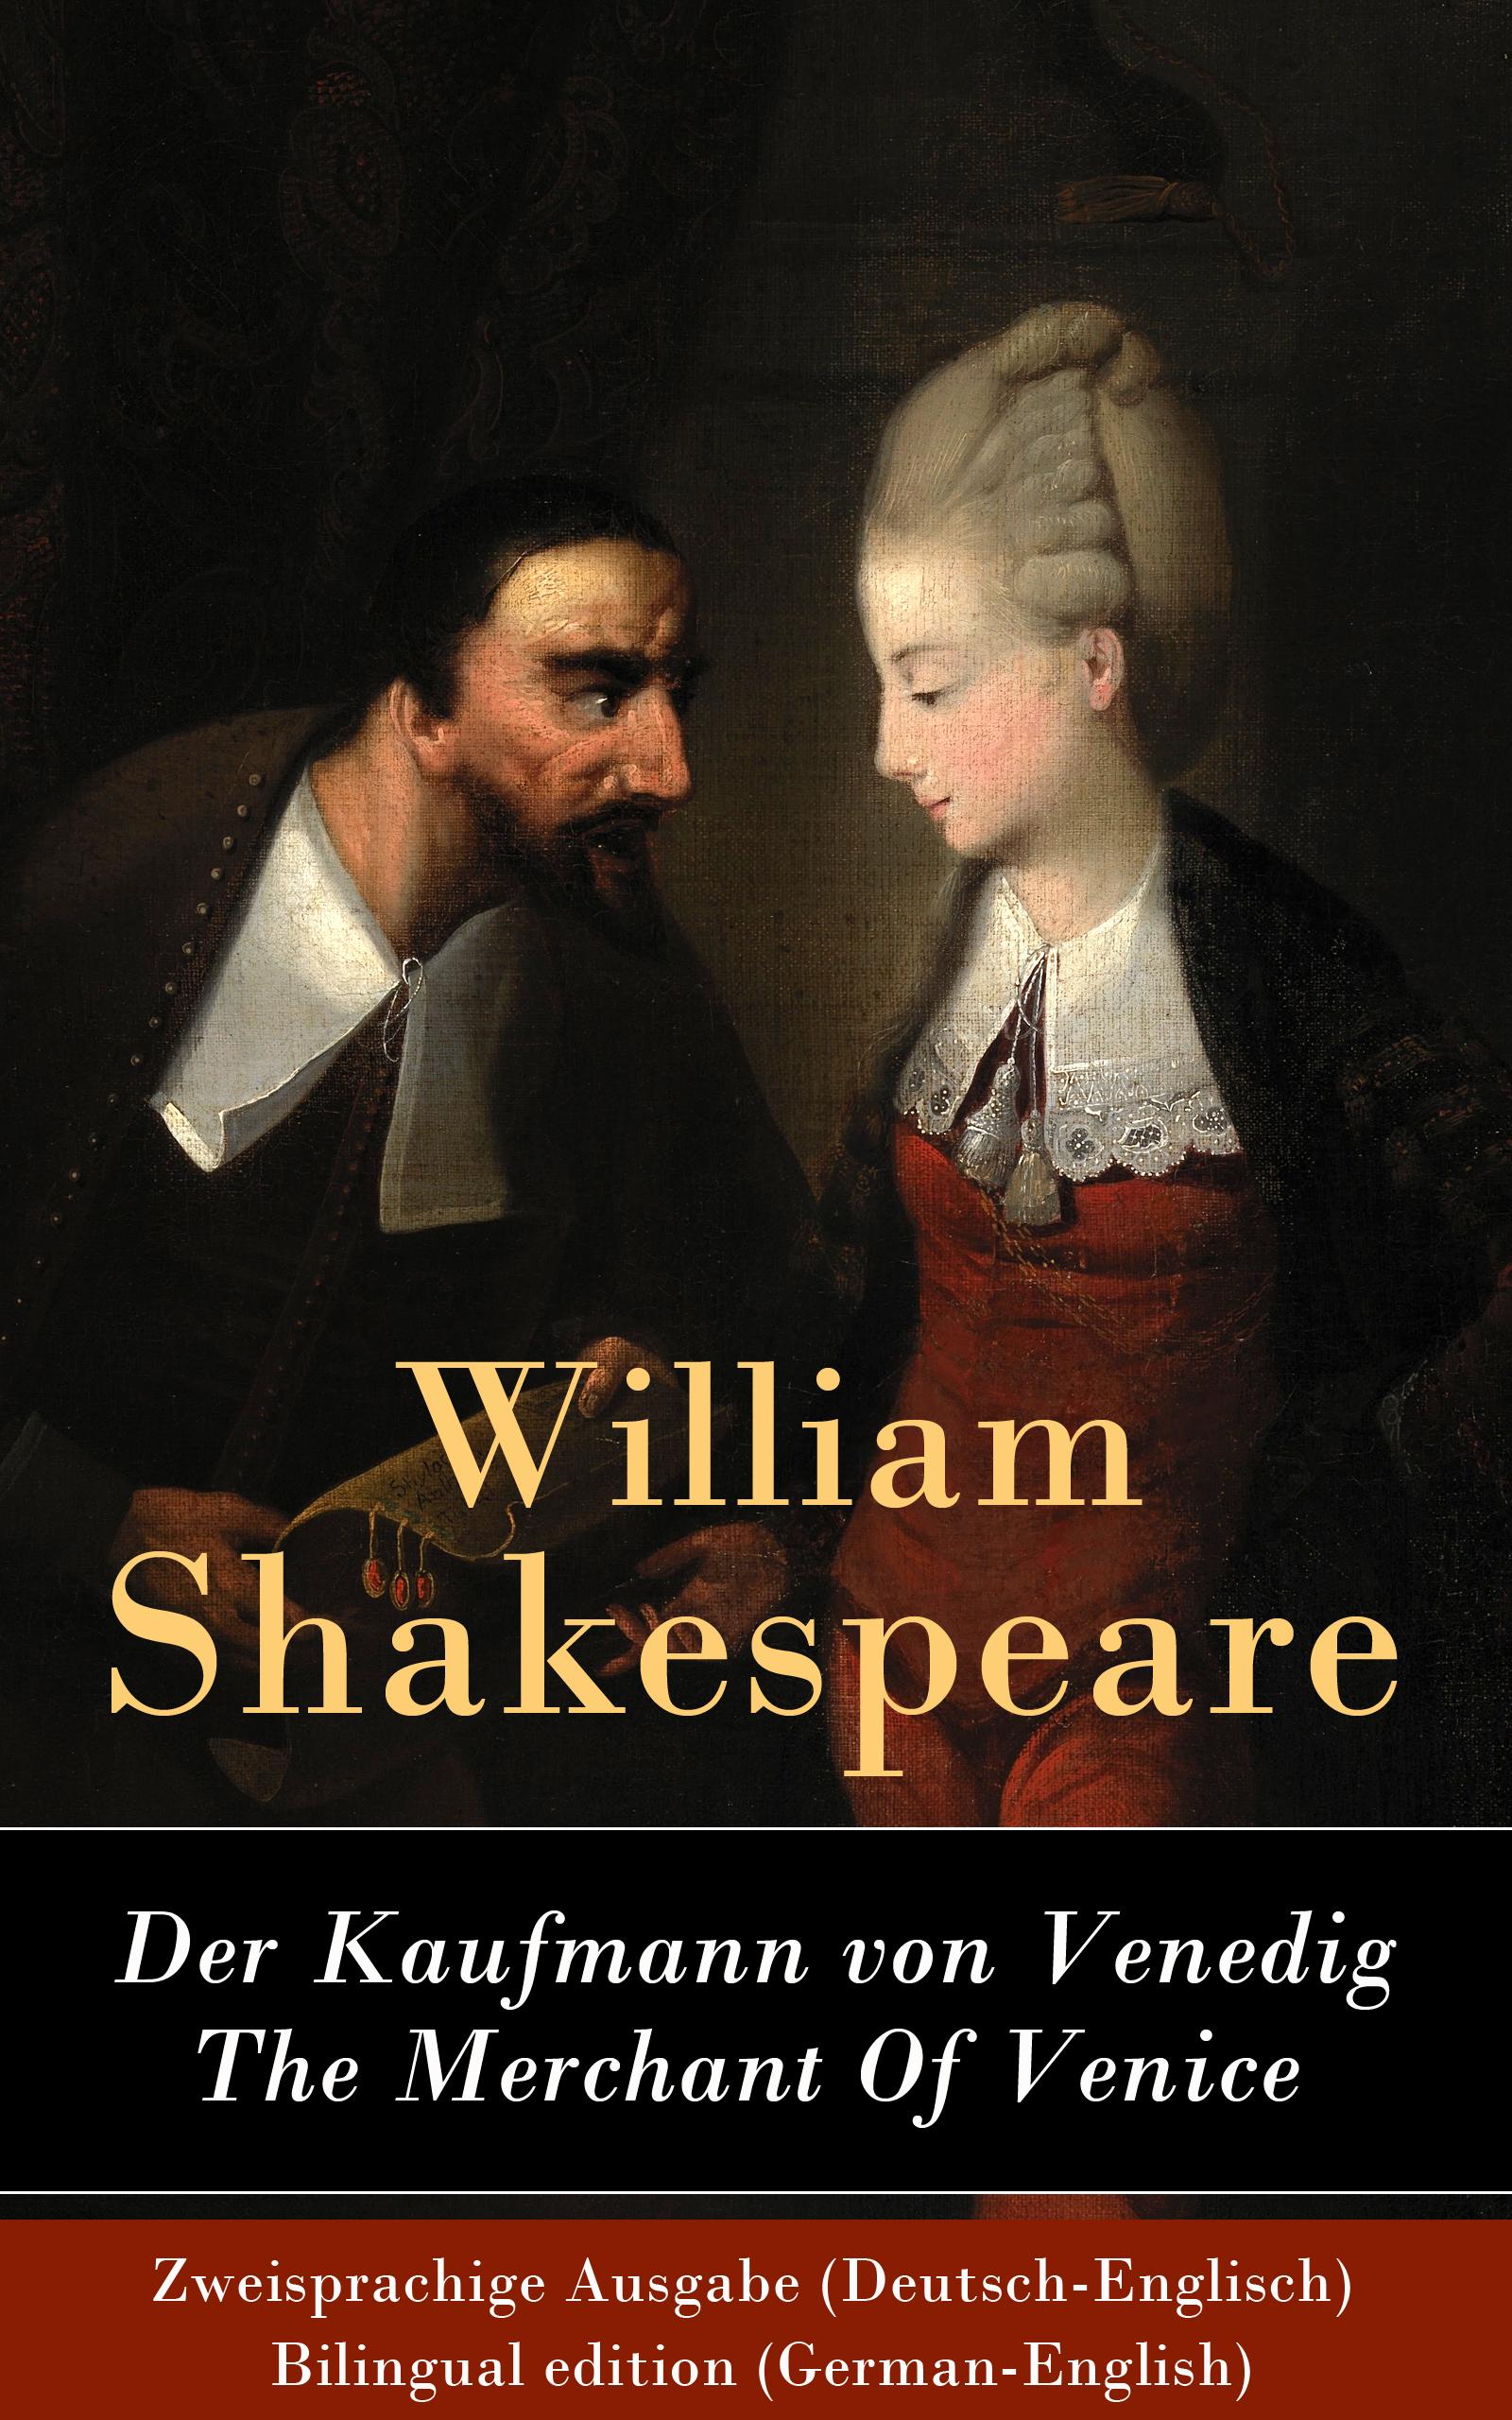 цена Уильям Шекспир Der Kaufmann von Venedig / The Merchant Of Venice - Zweisprachige Ausgabe (Deutsch-Englisch) / Bilingual edition (German-English) онлайн в 2017 году